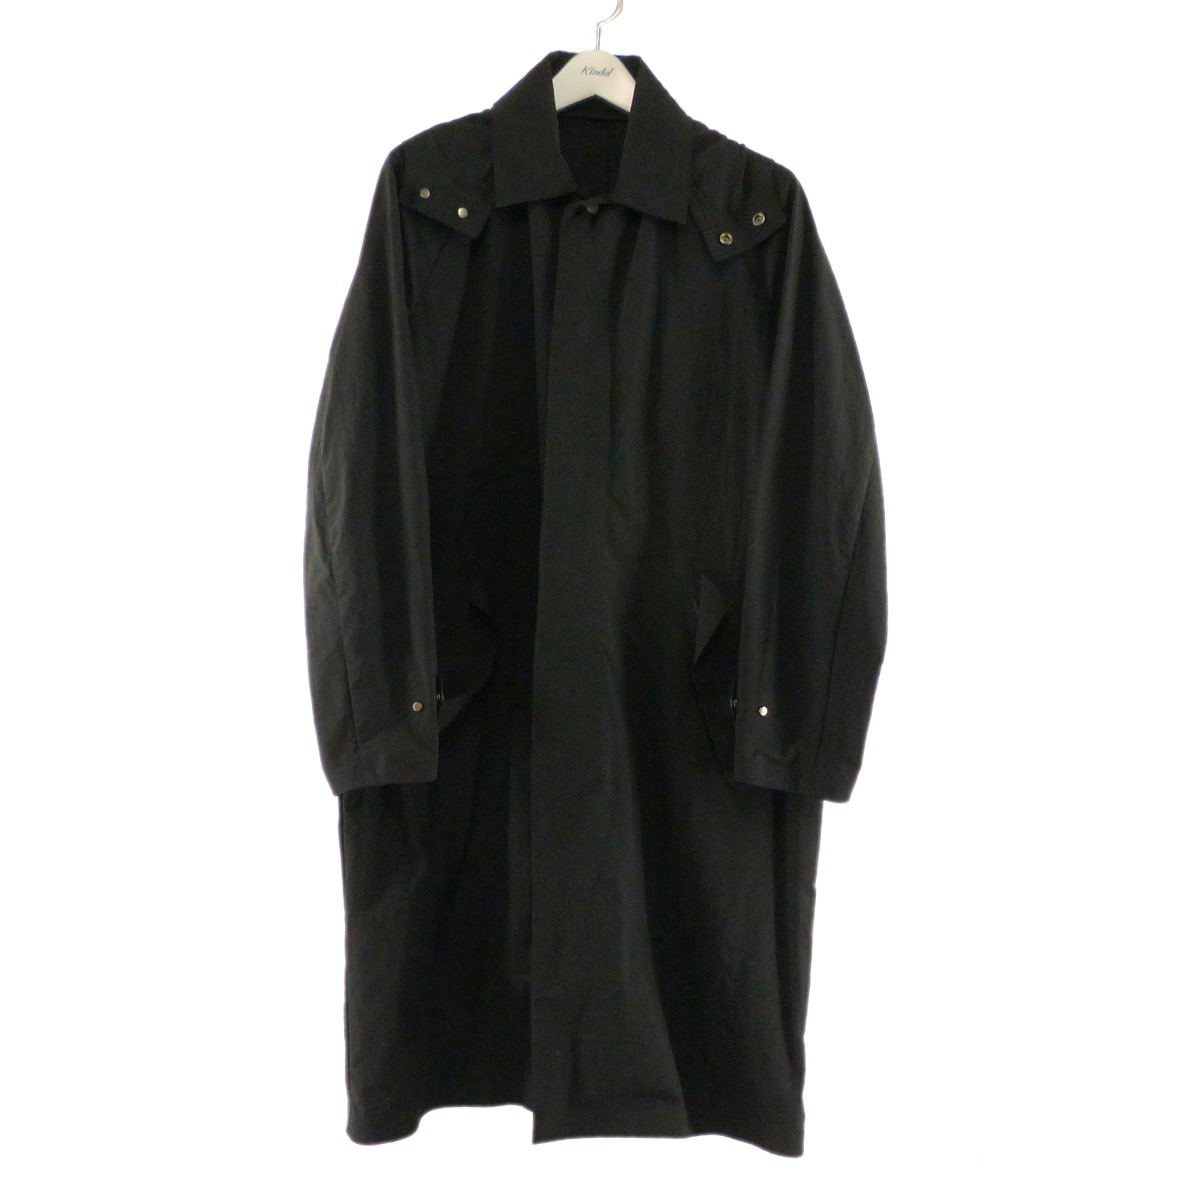 【中古】DESCENTE PAUSE フード付きステンカラーコート ブラック サイズ:M 【300820】(デサントポーズ)